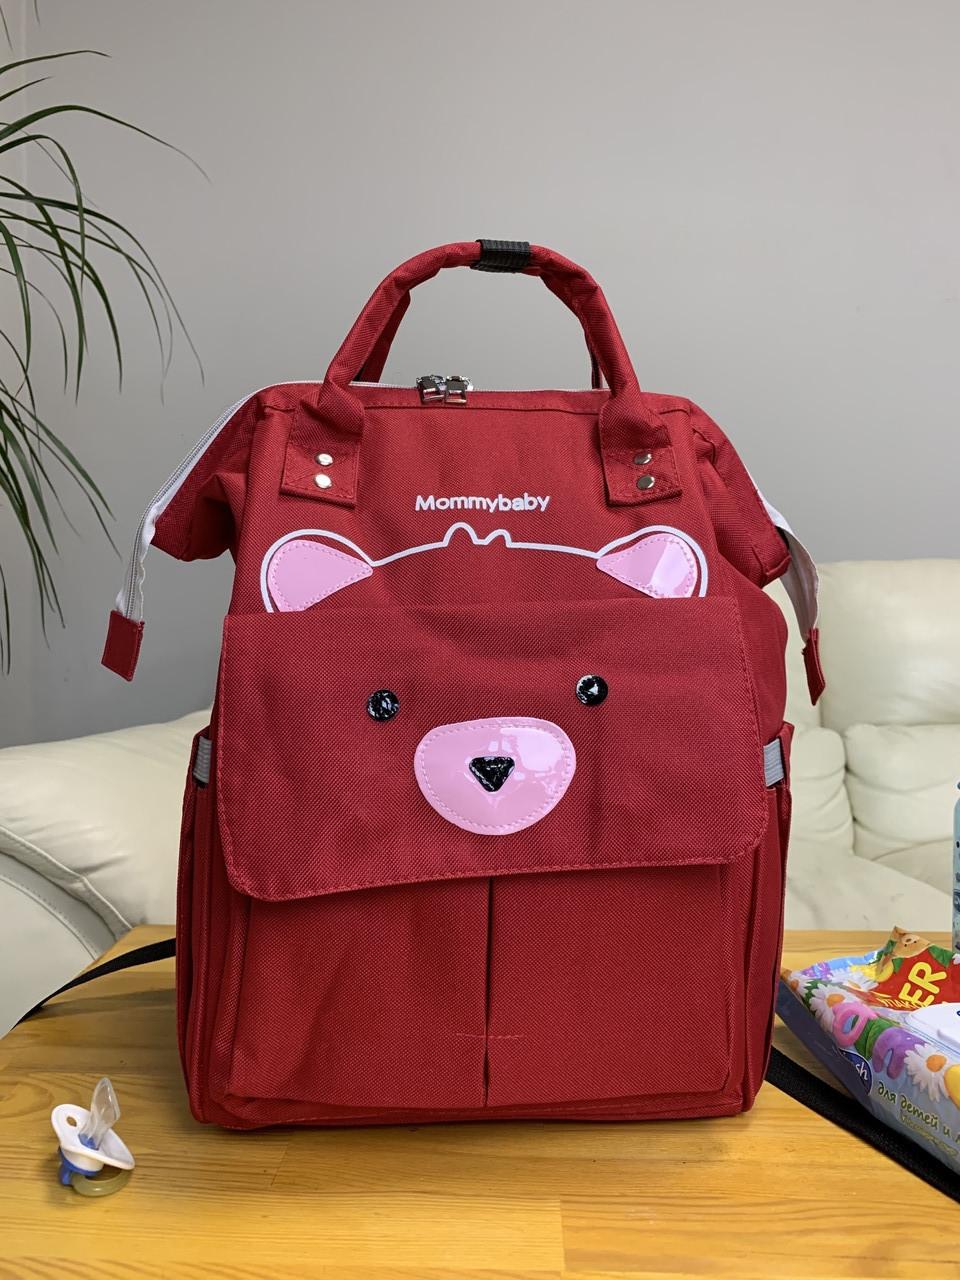 Сумка - рюкзак для мам Mommybaby/Мами бэйби  ->  вишневый цвет